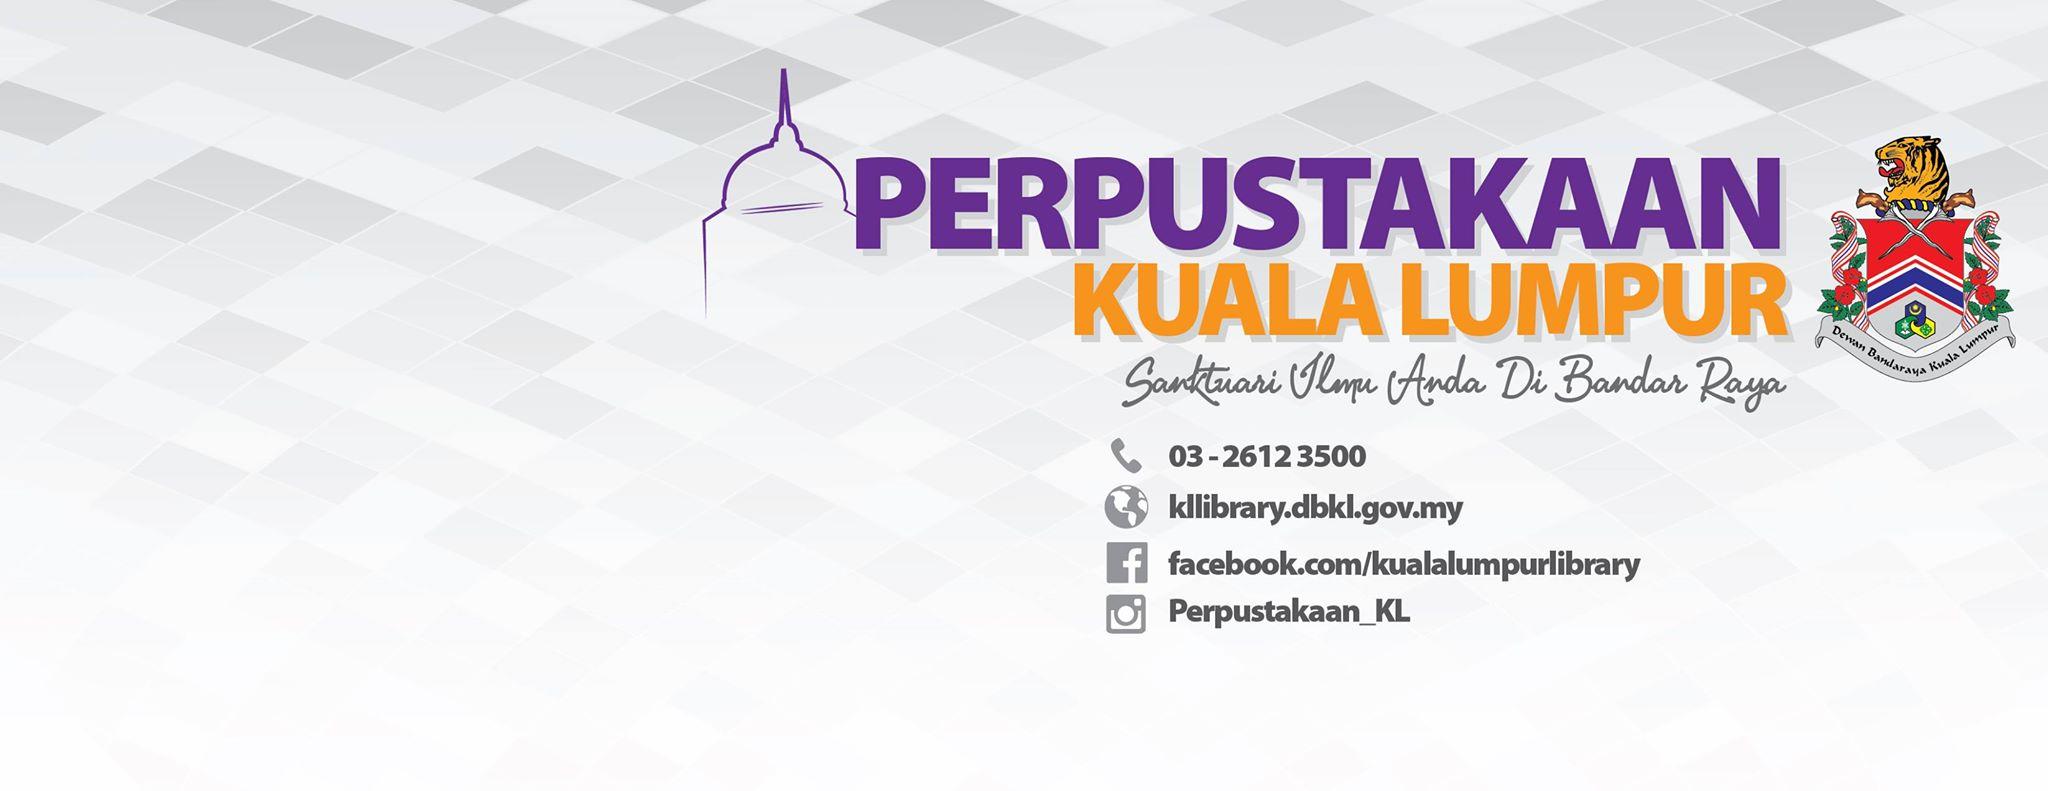 Perpustakaan Kuala Lumpur Banner